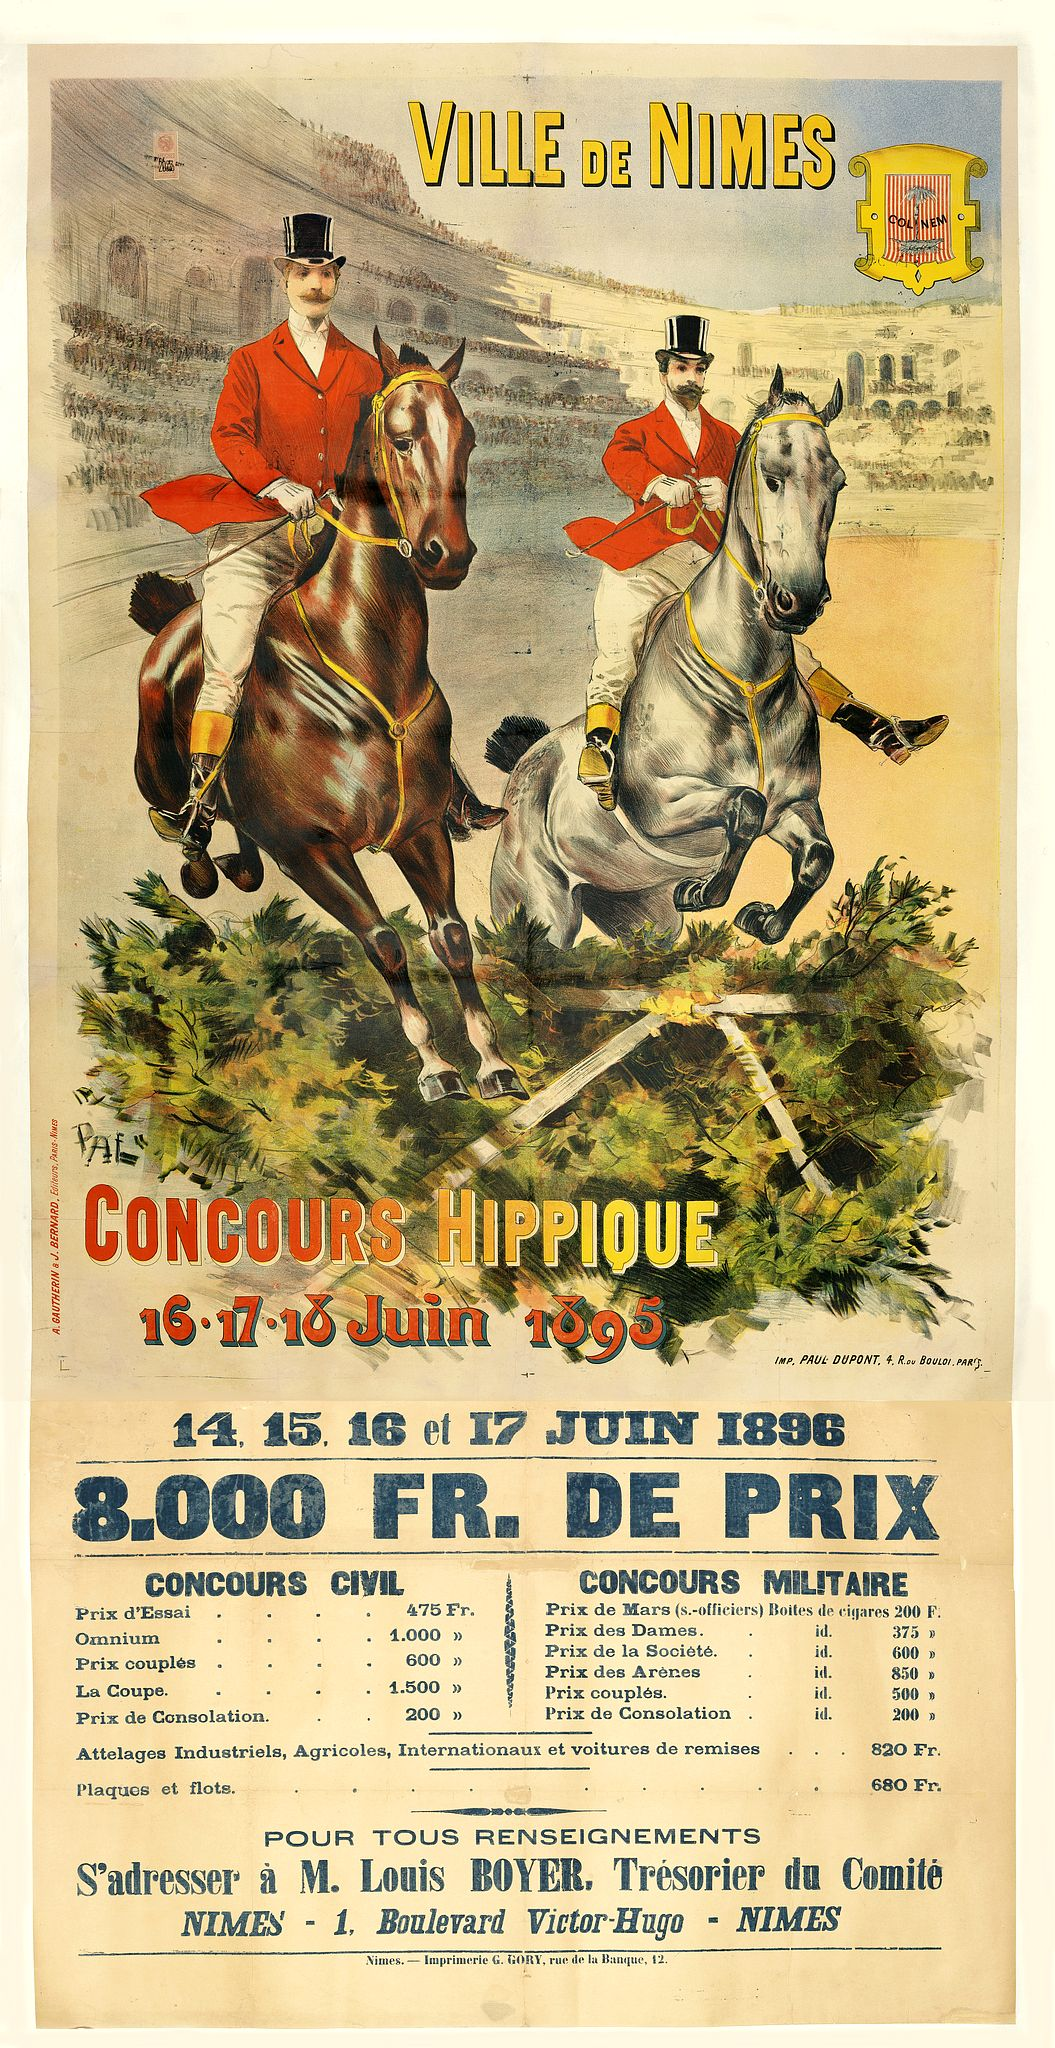 PAL (Jean de Paleologue) - Ville de Nimes - Concours hippique - 16, 17, 18 Juin 1895.